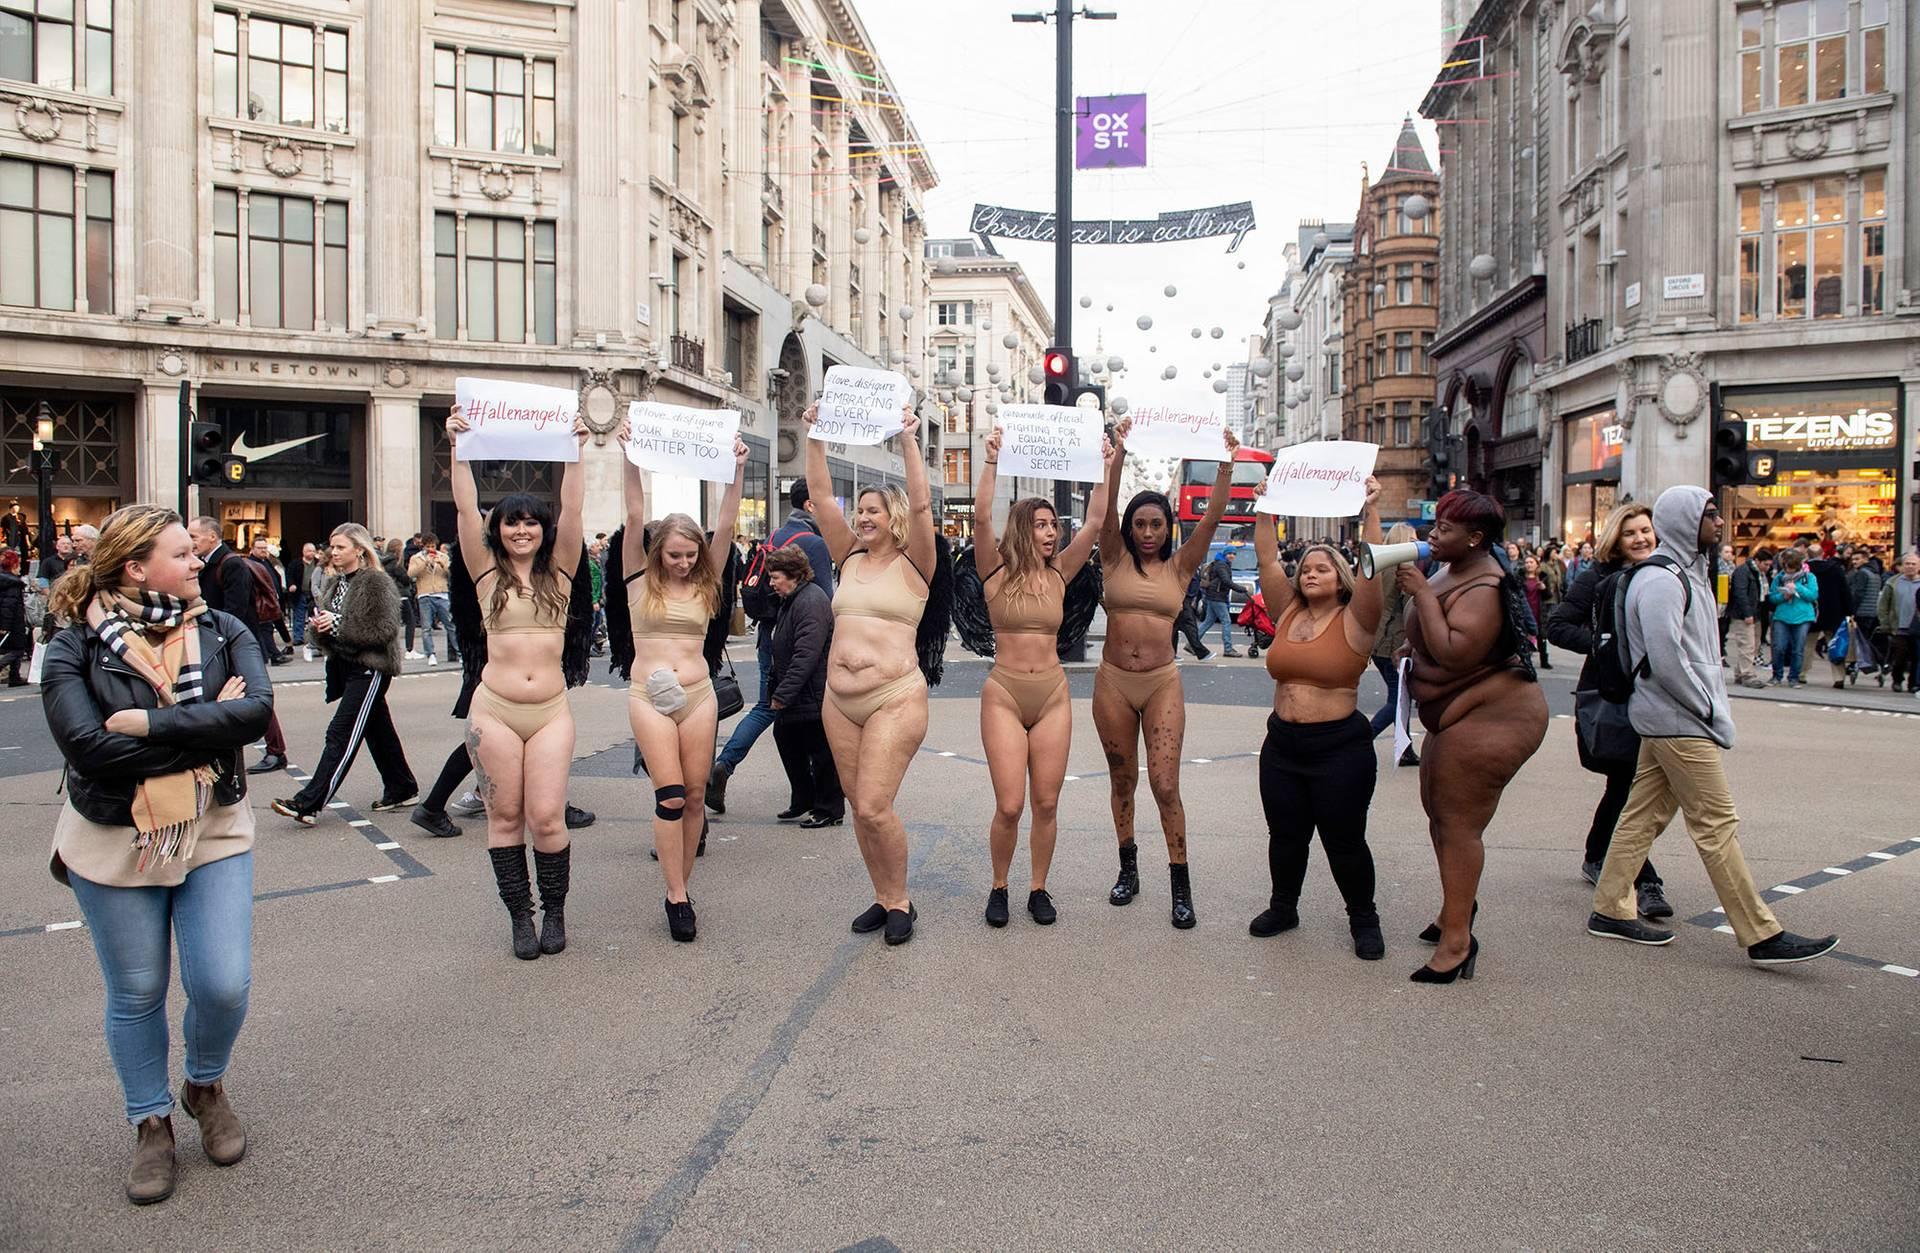 Мета акції —  закликати модні бренди збільшити різноманітність в індустрії моди